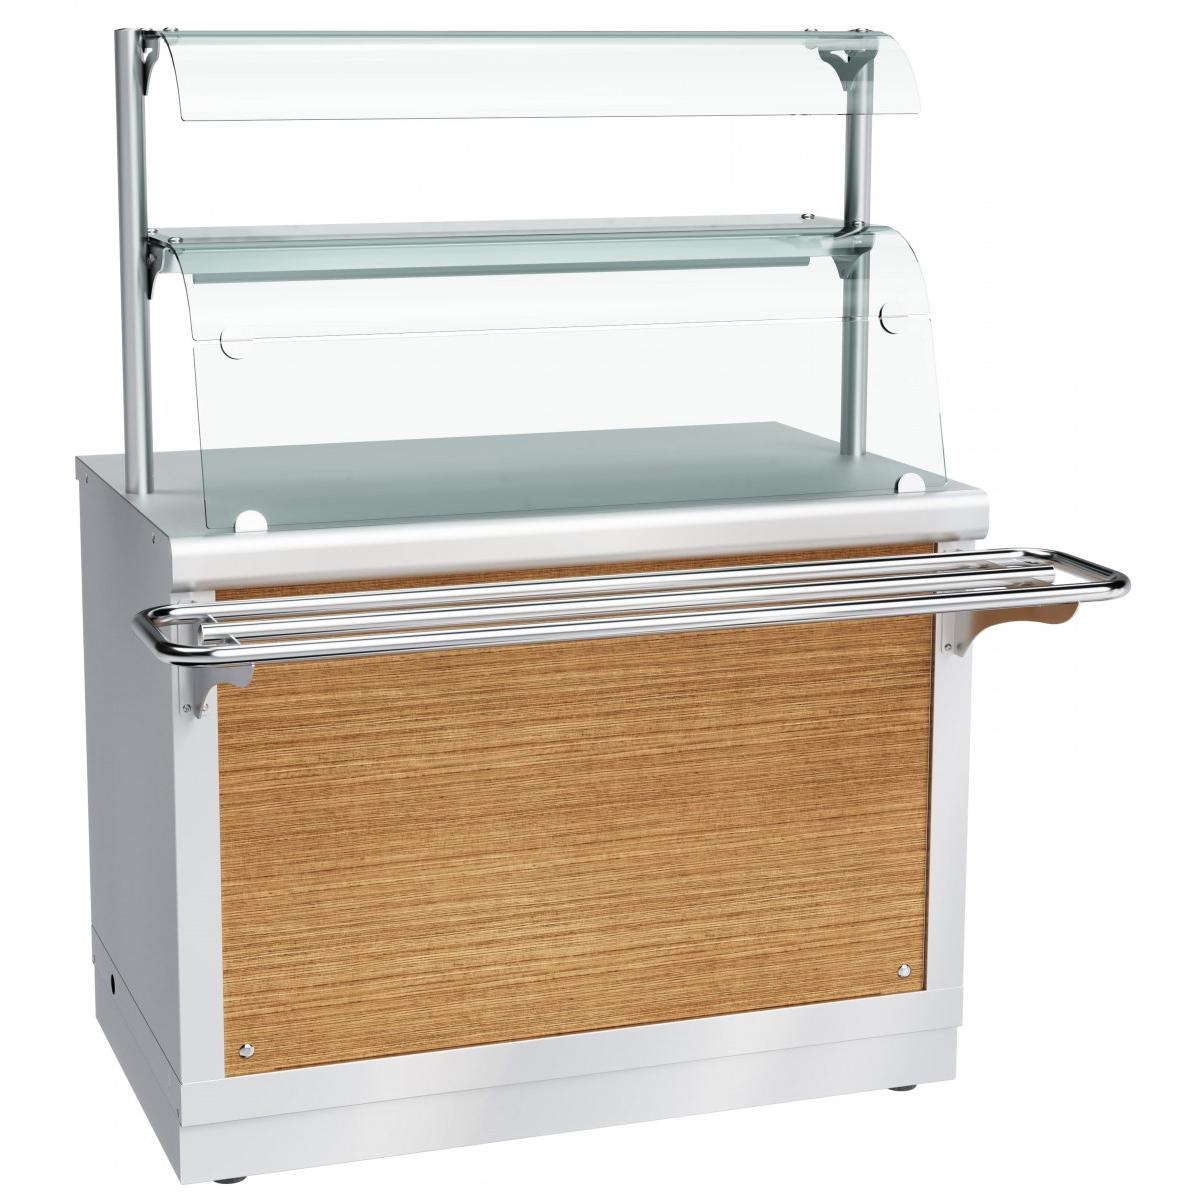 Прилавок-витрина тепловой ЧувашТоргТехника ПВТ-70Х-06